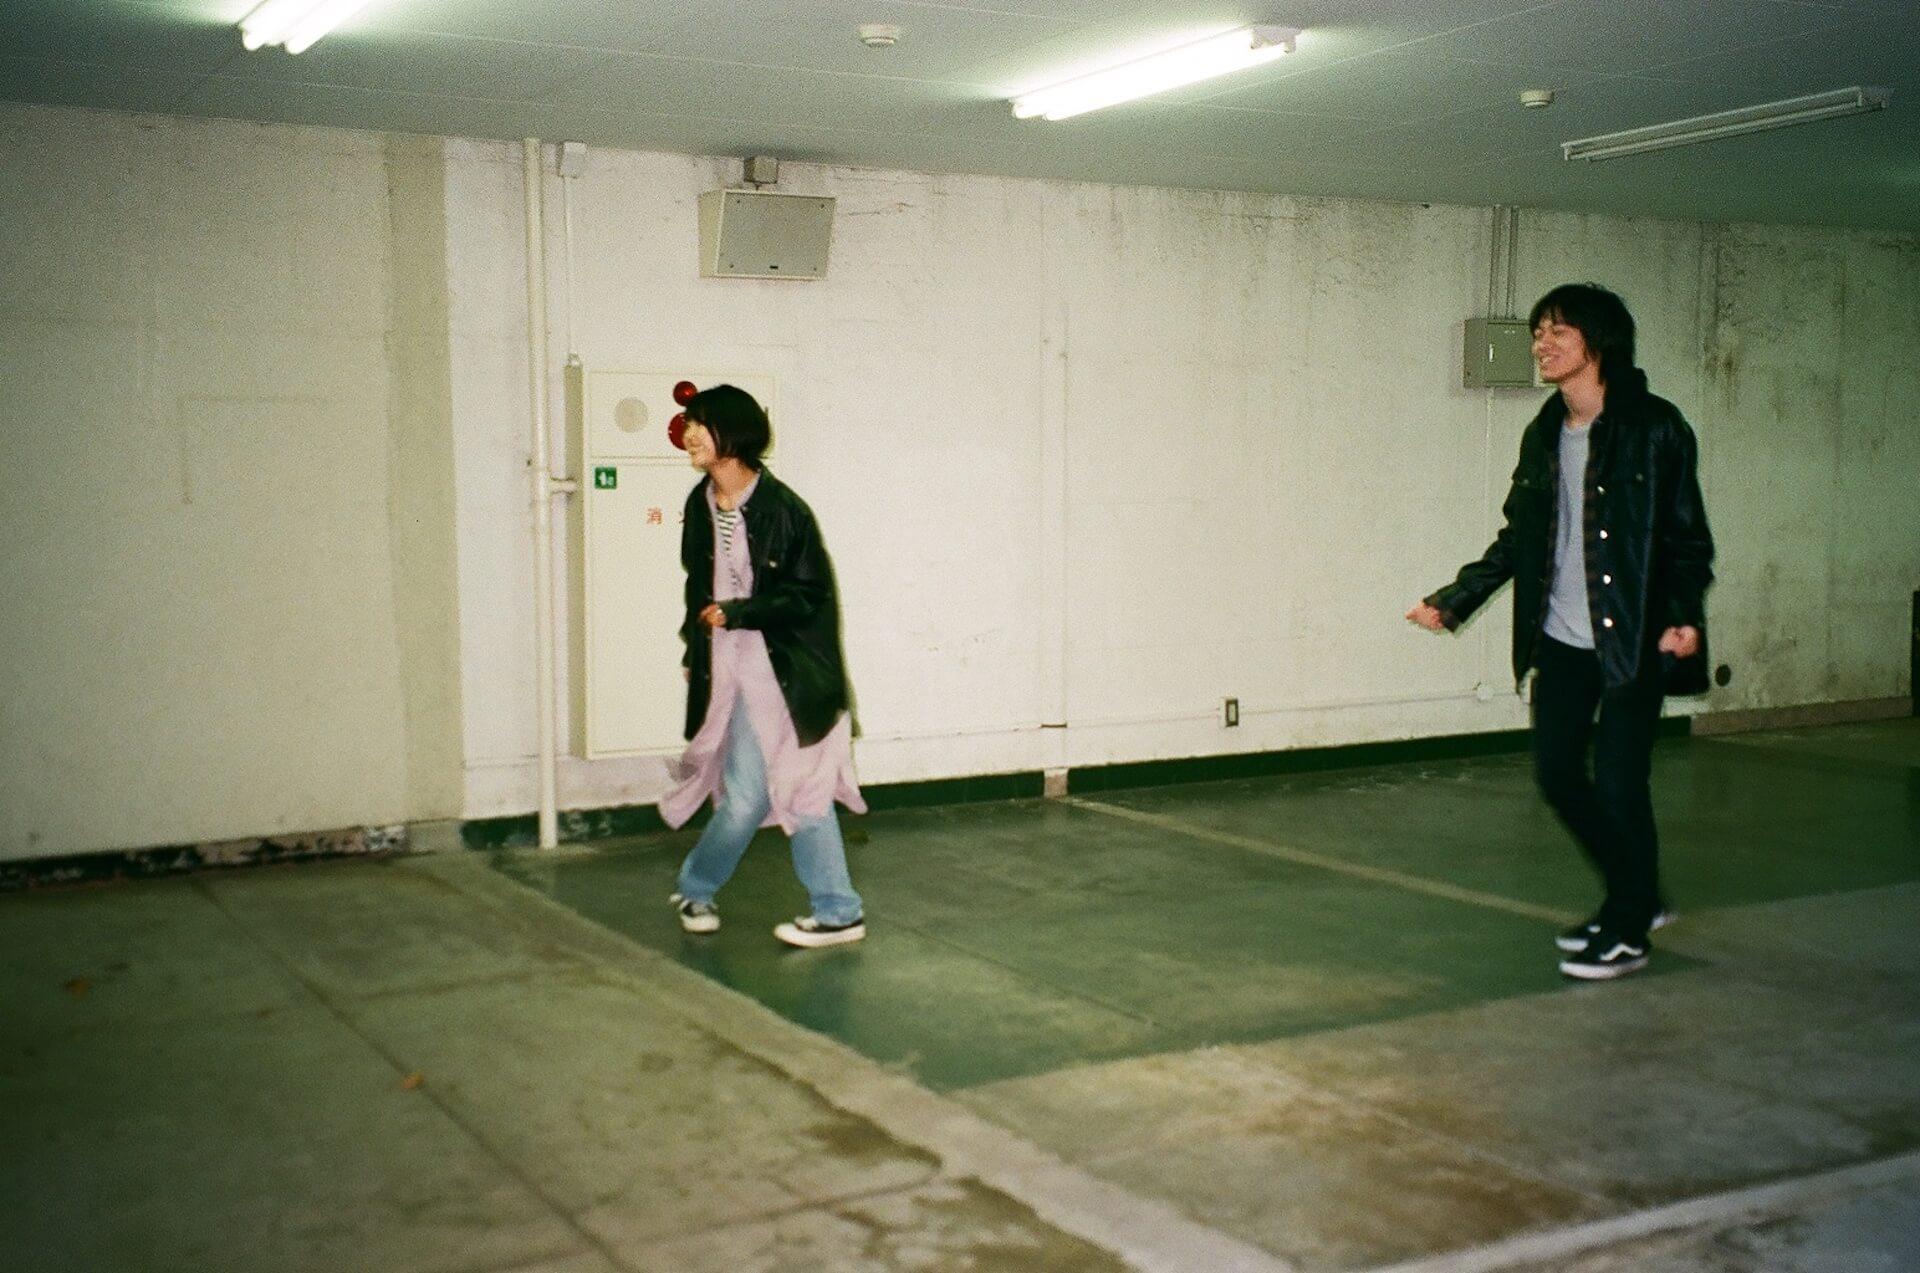 はなむけしゃしん - Ye&Nana「落花流水」 art200325_hanamukeshashin_11